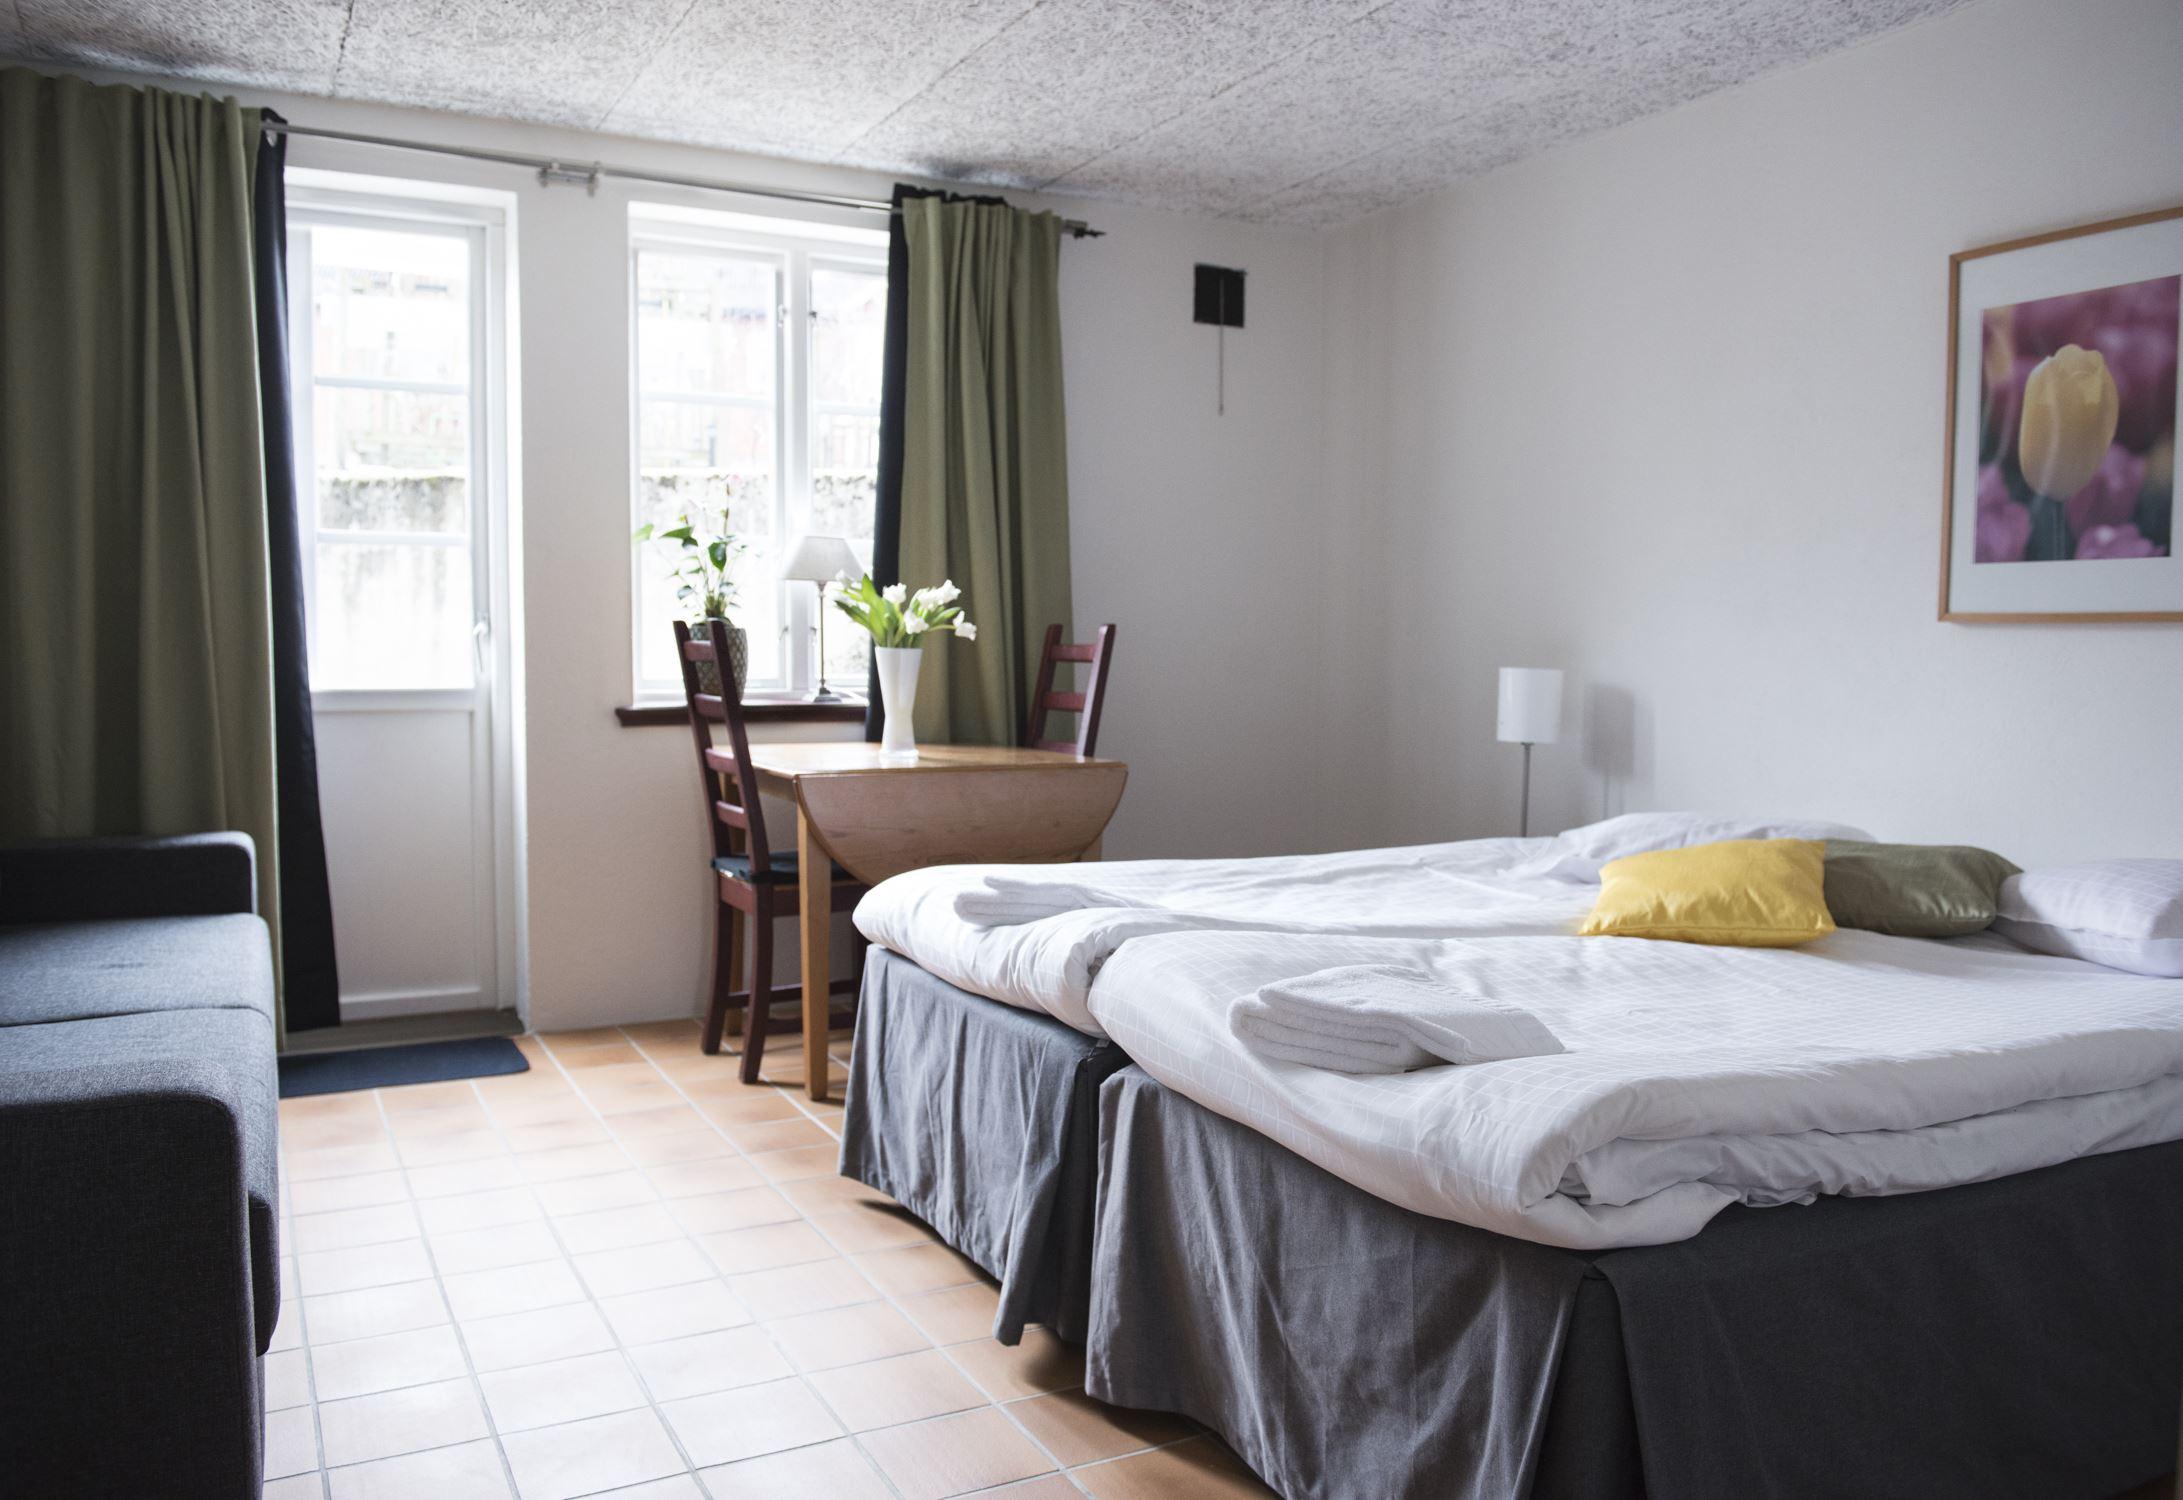 STF Hotel & Gästehaus Skåne Tranås